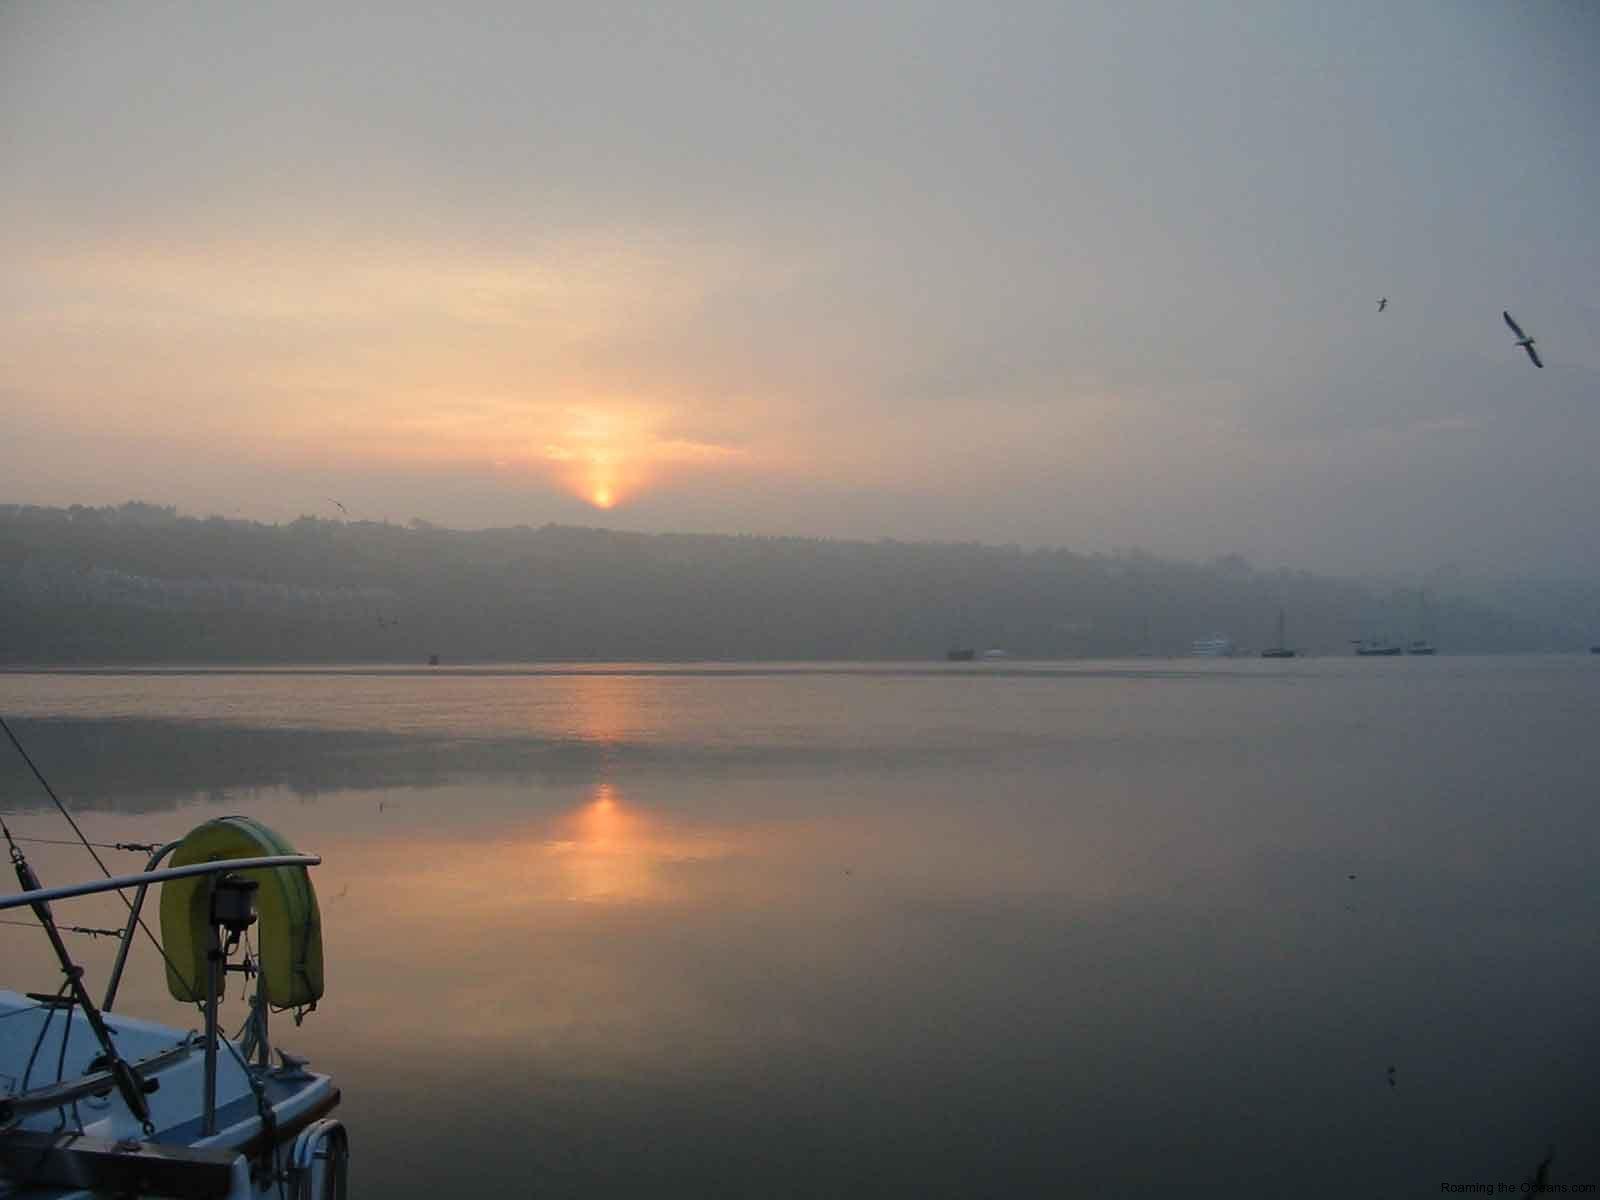 sunset-in-the-mist.jpg